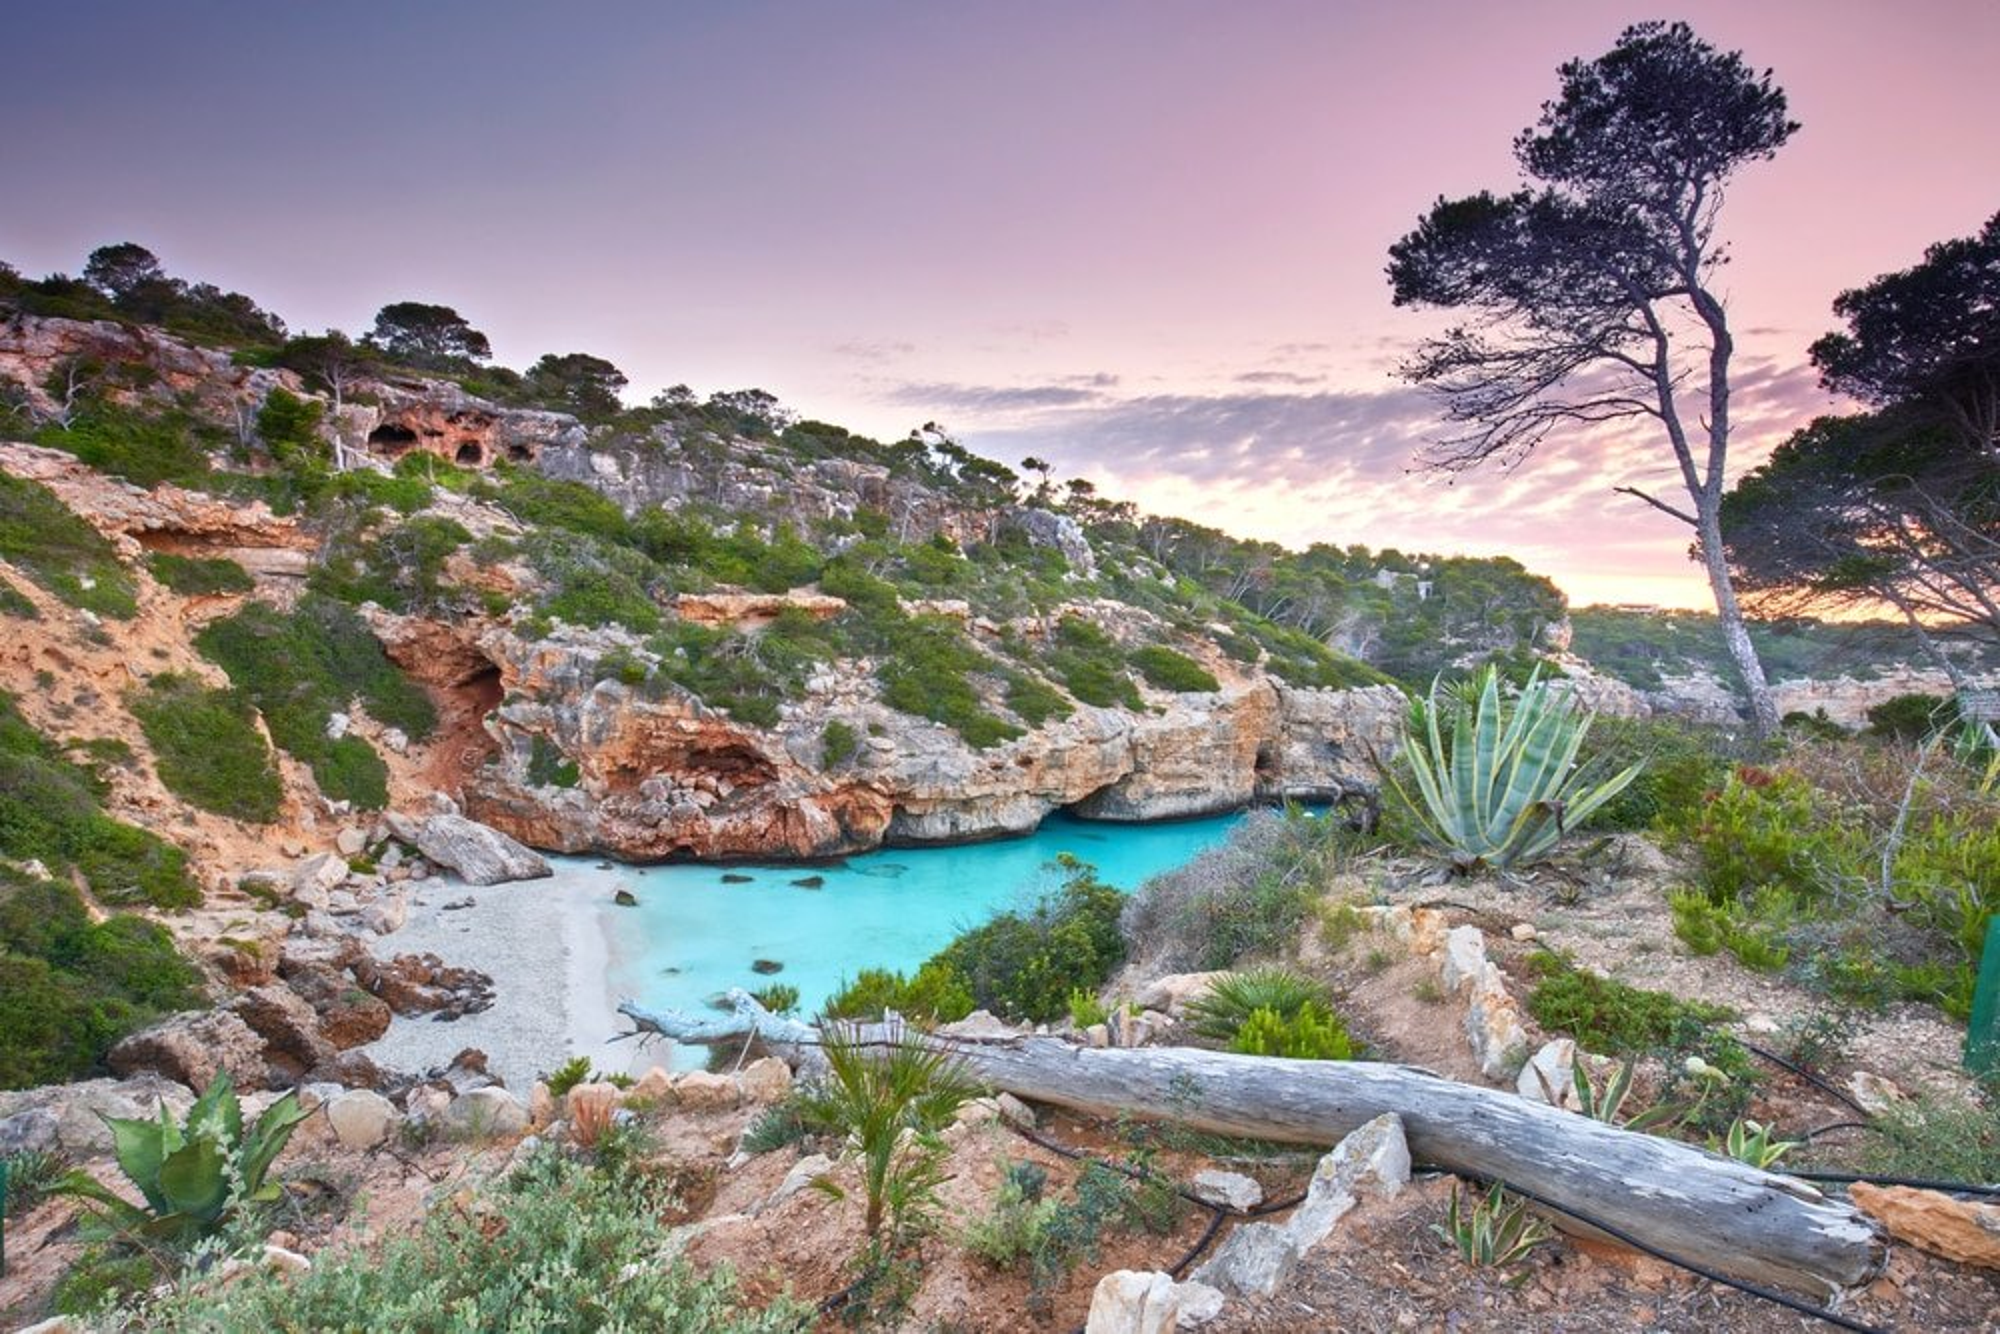 Les 10 plus belles plages cachées d'Europe